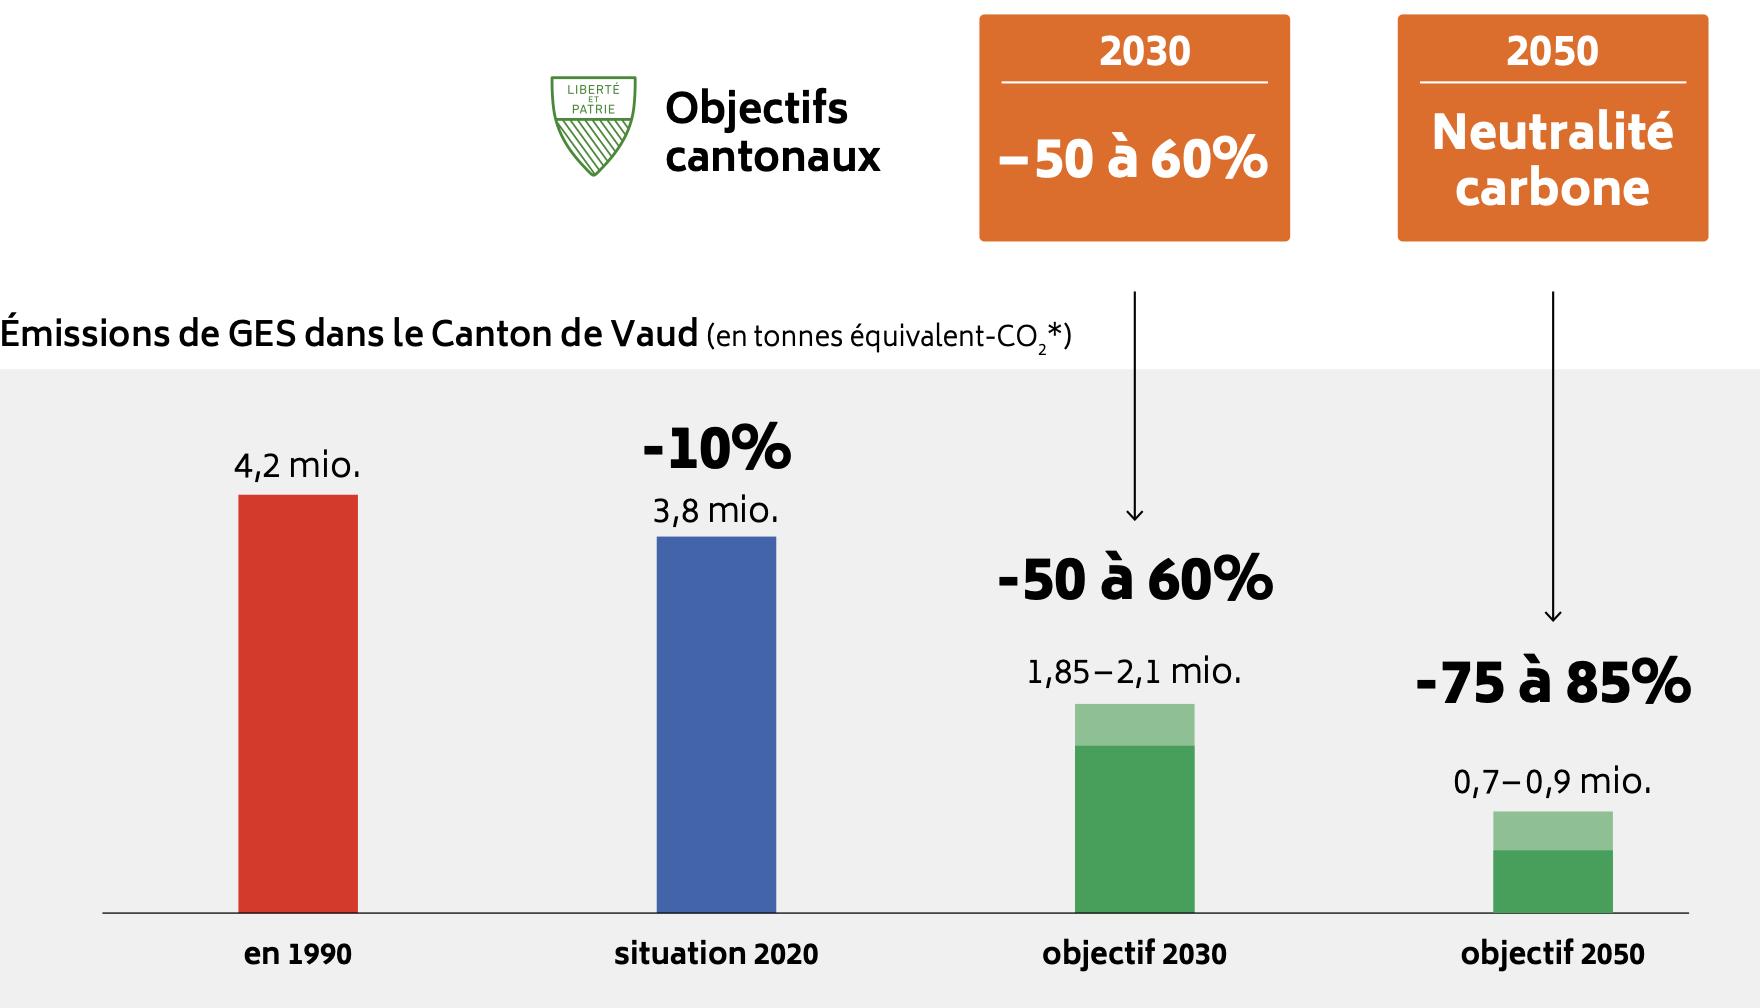 Plan Climat Vaudois : 6x plus de production d'énergie locale et renouvelable en 2030 déjà !